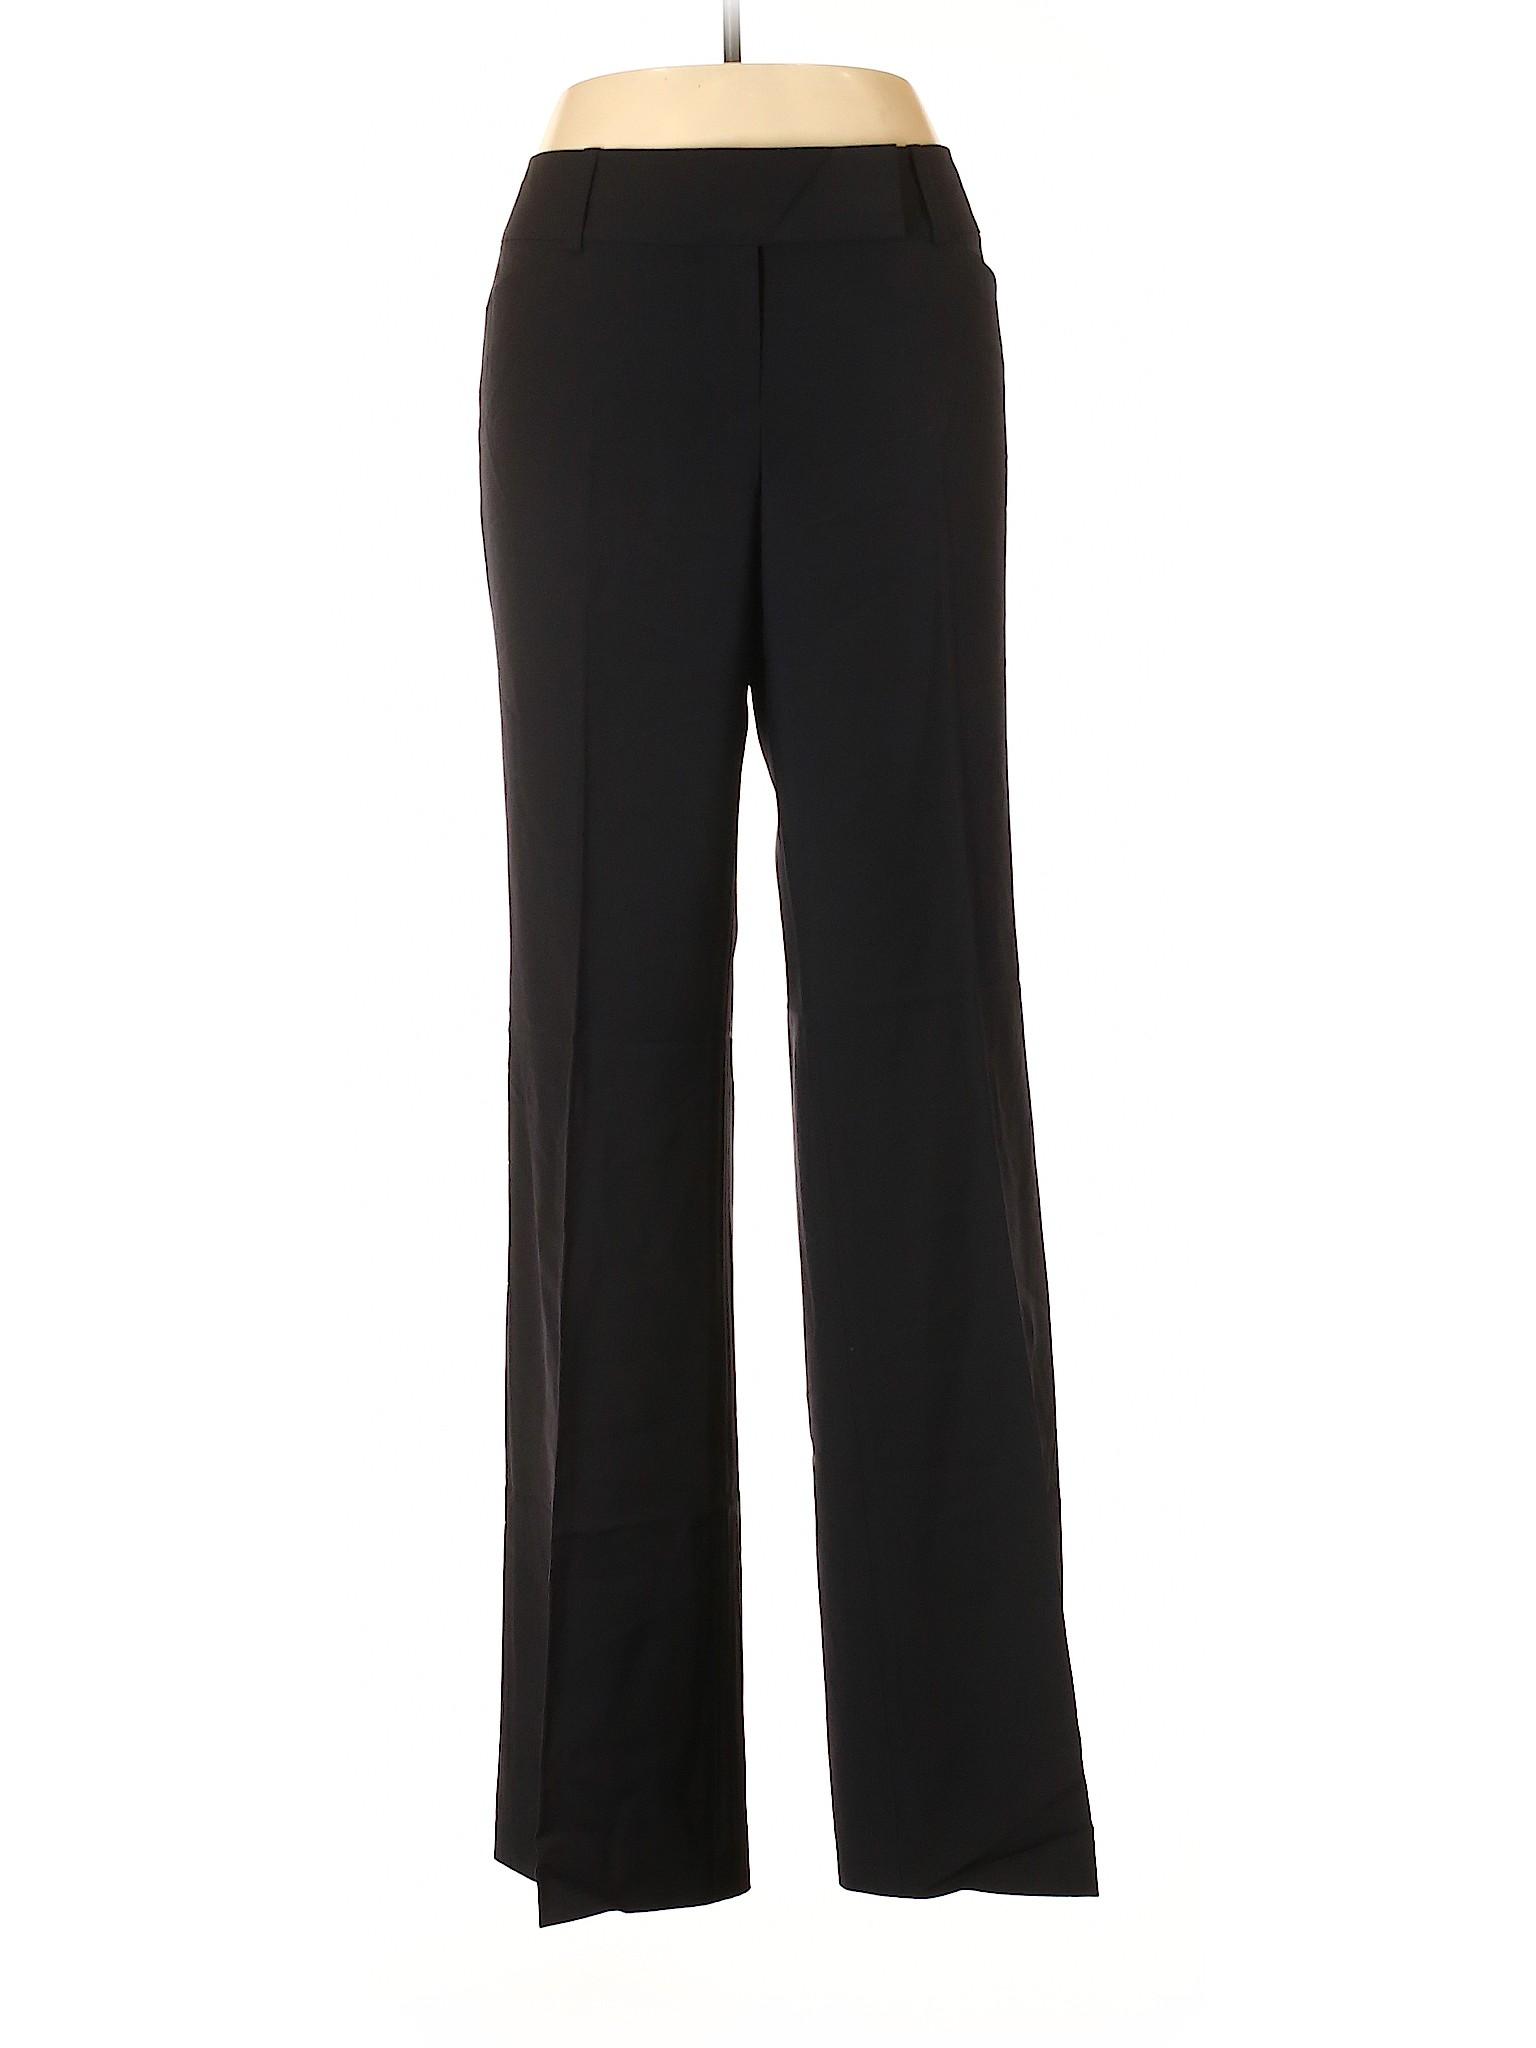 Ann Taylor Loft Everyday Wool Pants Sizes 00 8 NWT